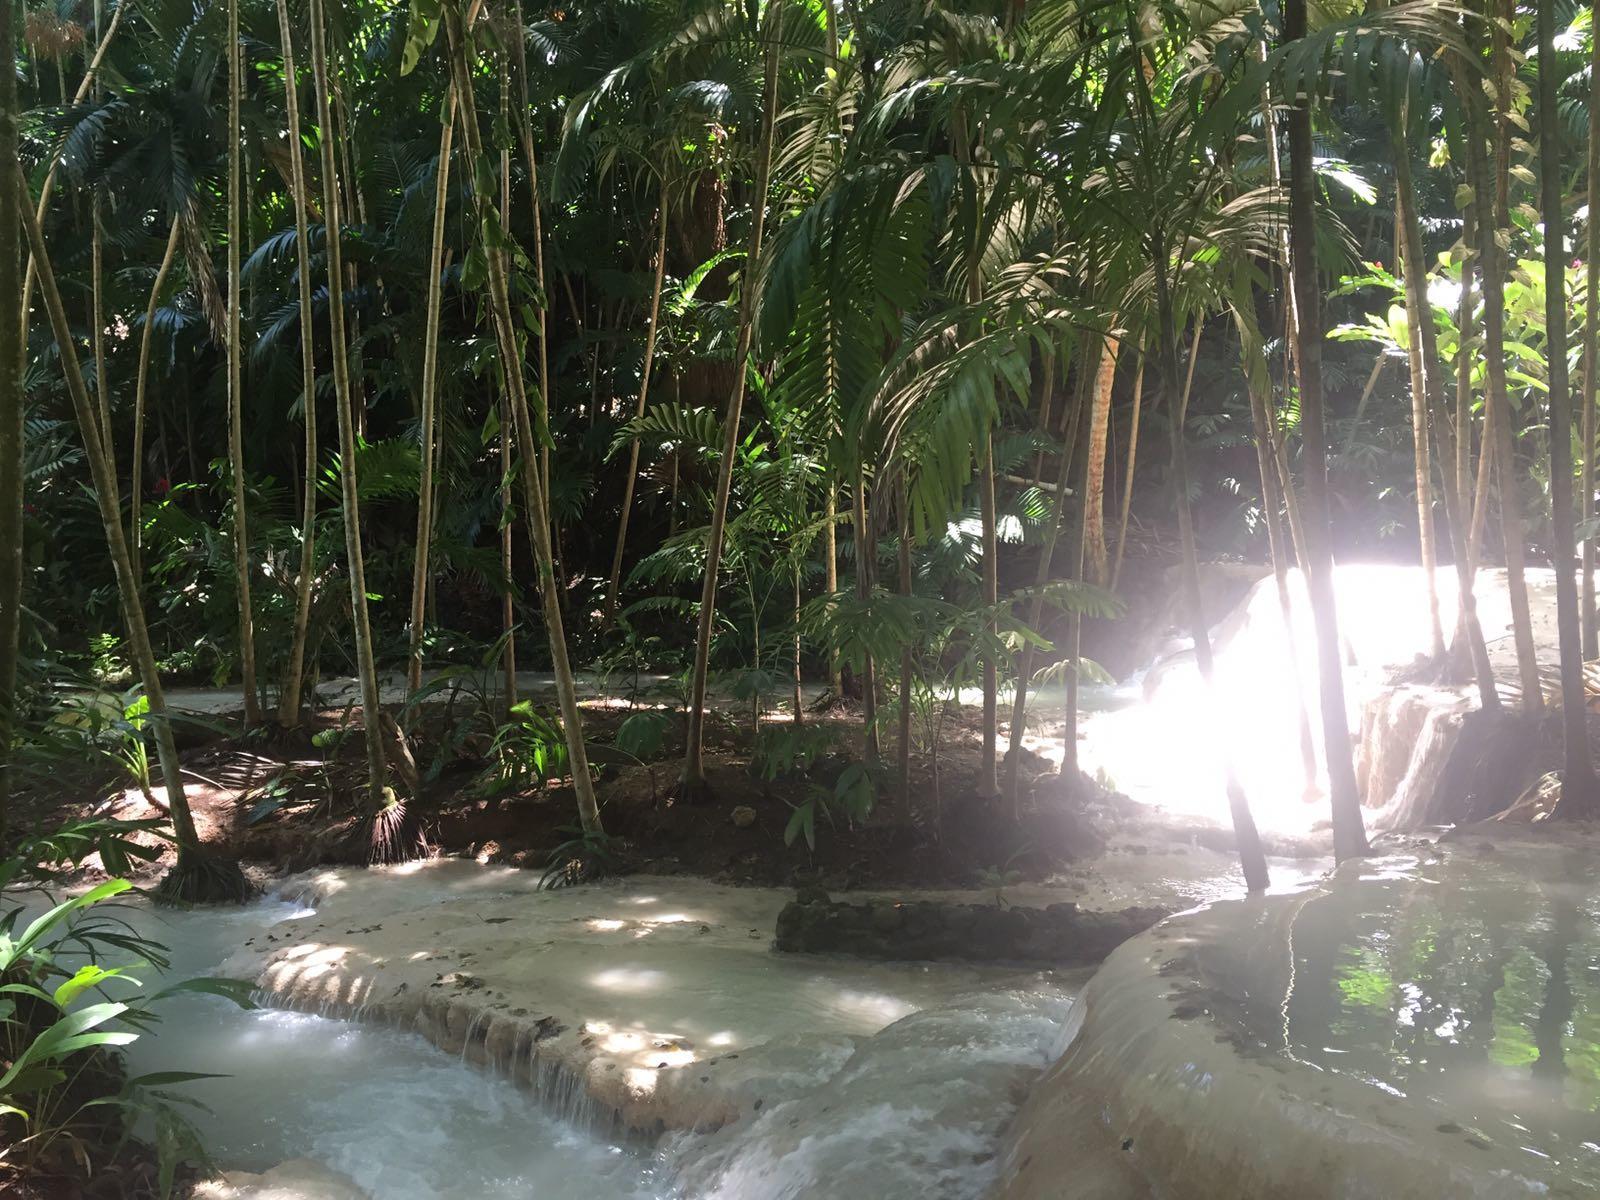 Enchanted Garden: Turtle River Falls & Garden (Enchanted Gardens) In Ocho